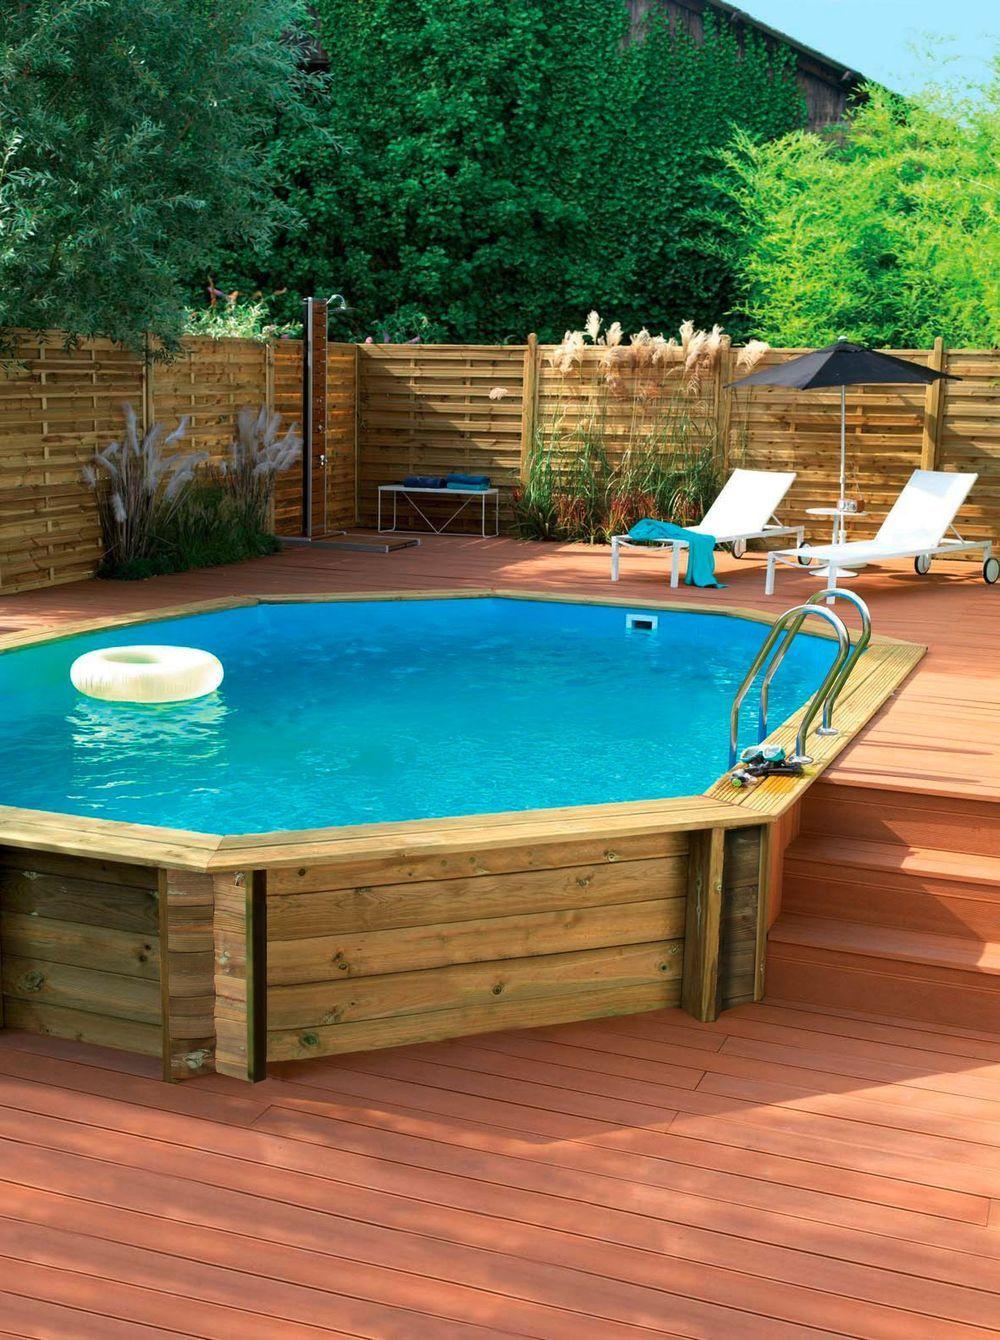 Piscine Hors Sol Bois Petite Dimension piscine : 12 modèles tendance | piscine hors sol bois